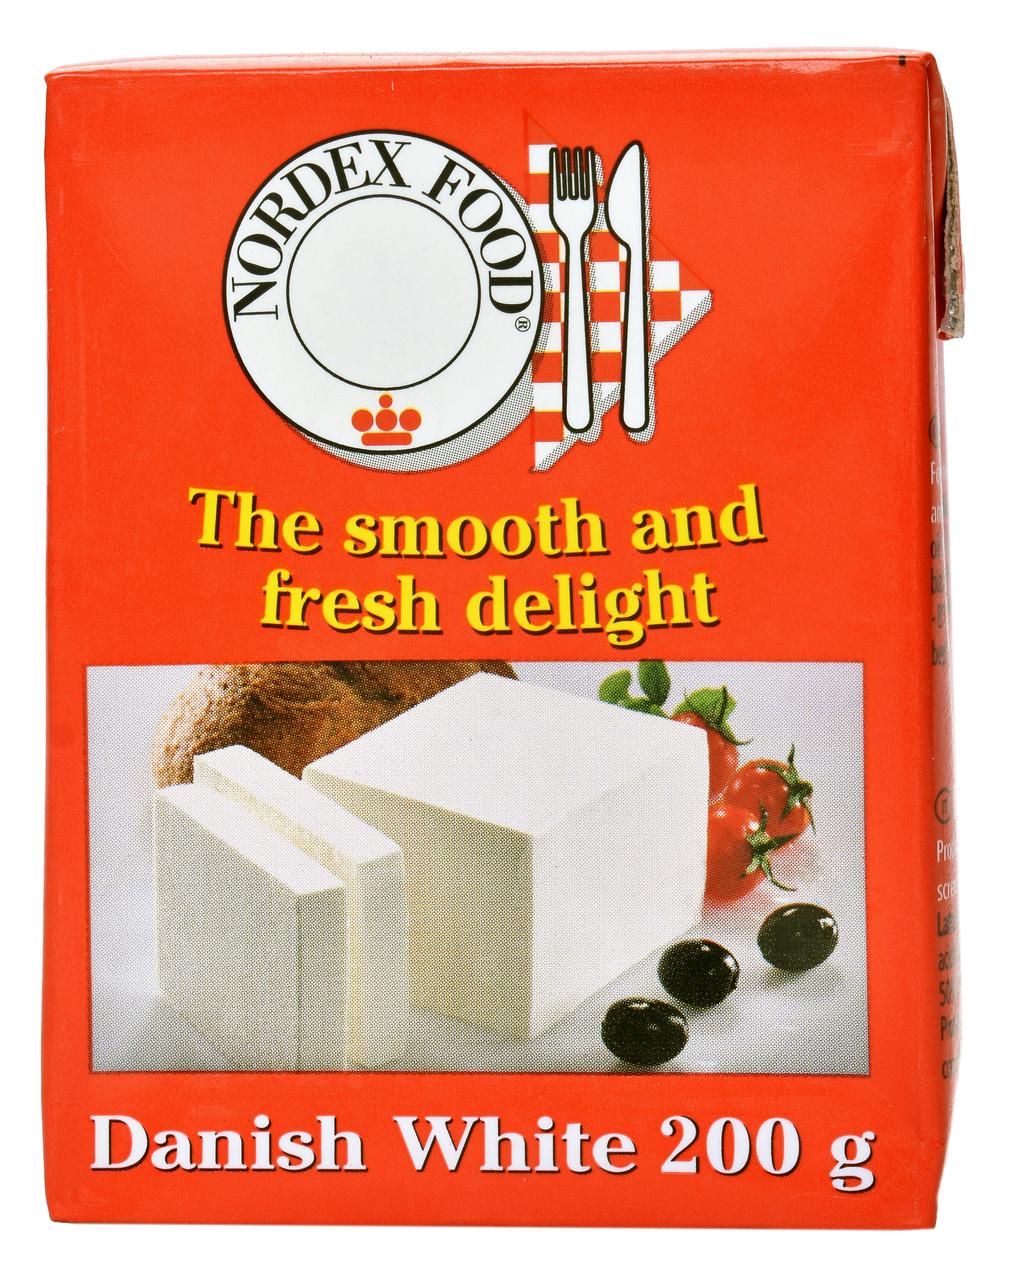 Сир Nordex Food Danish White Фета 52% 200г